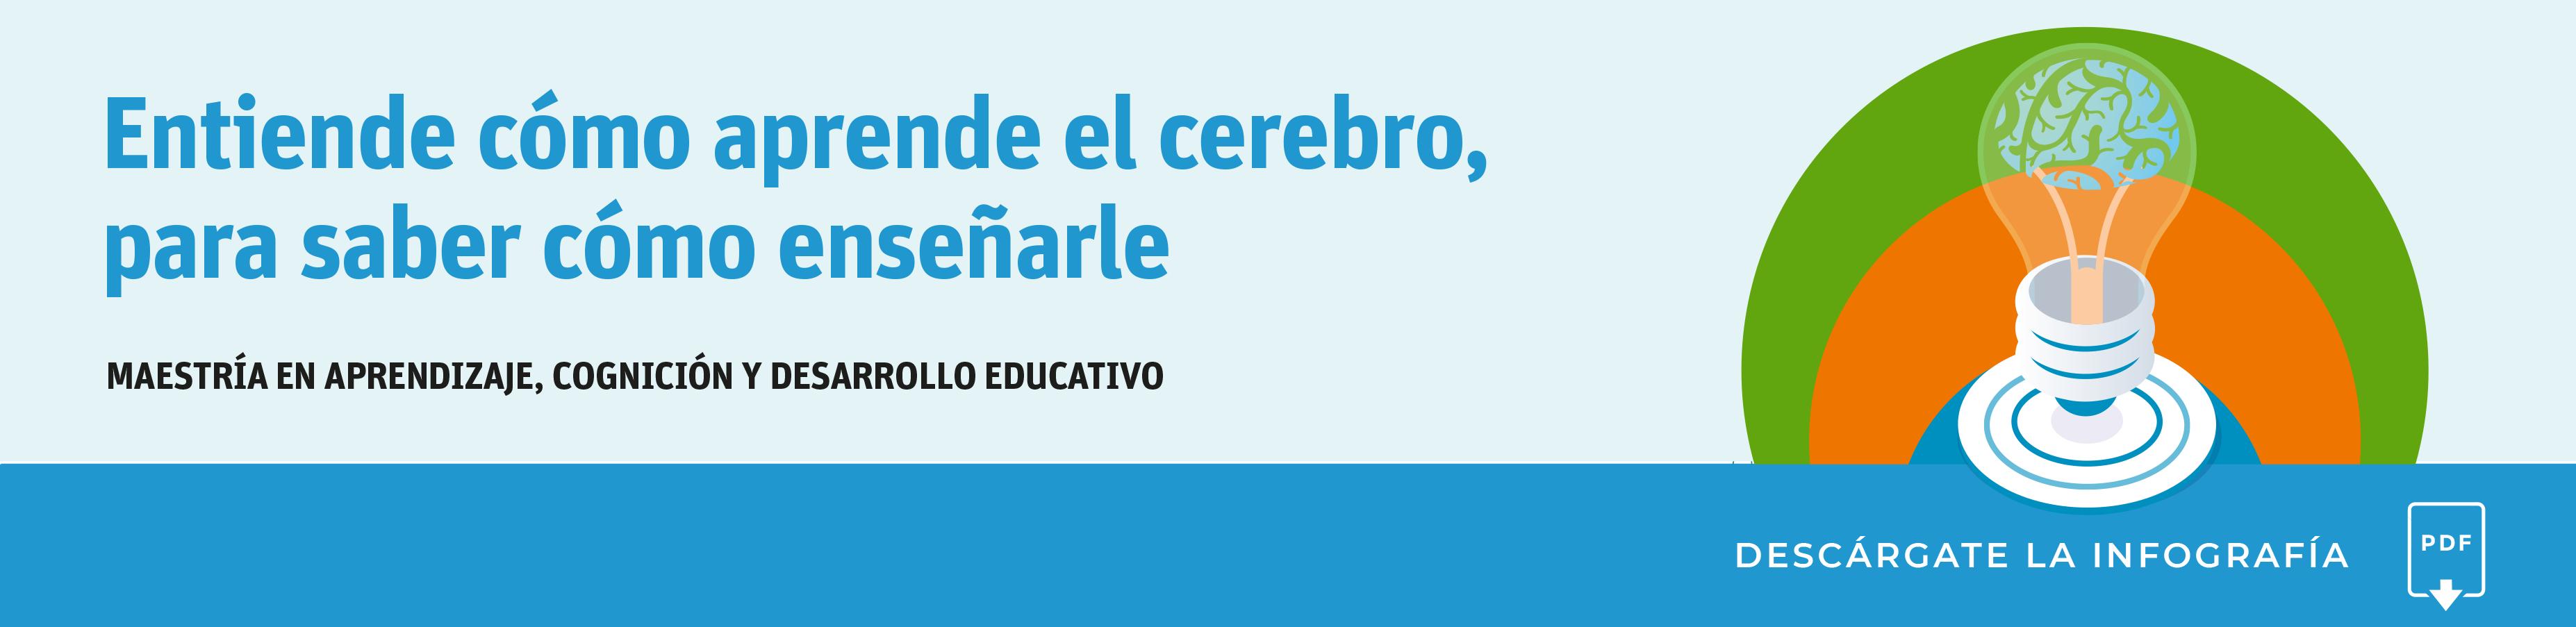 infografia en aprendizaje, cognición y desarrollo educativo